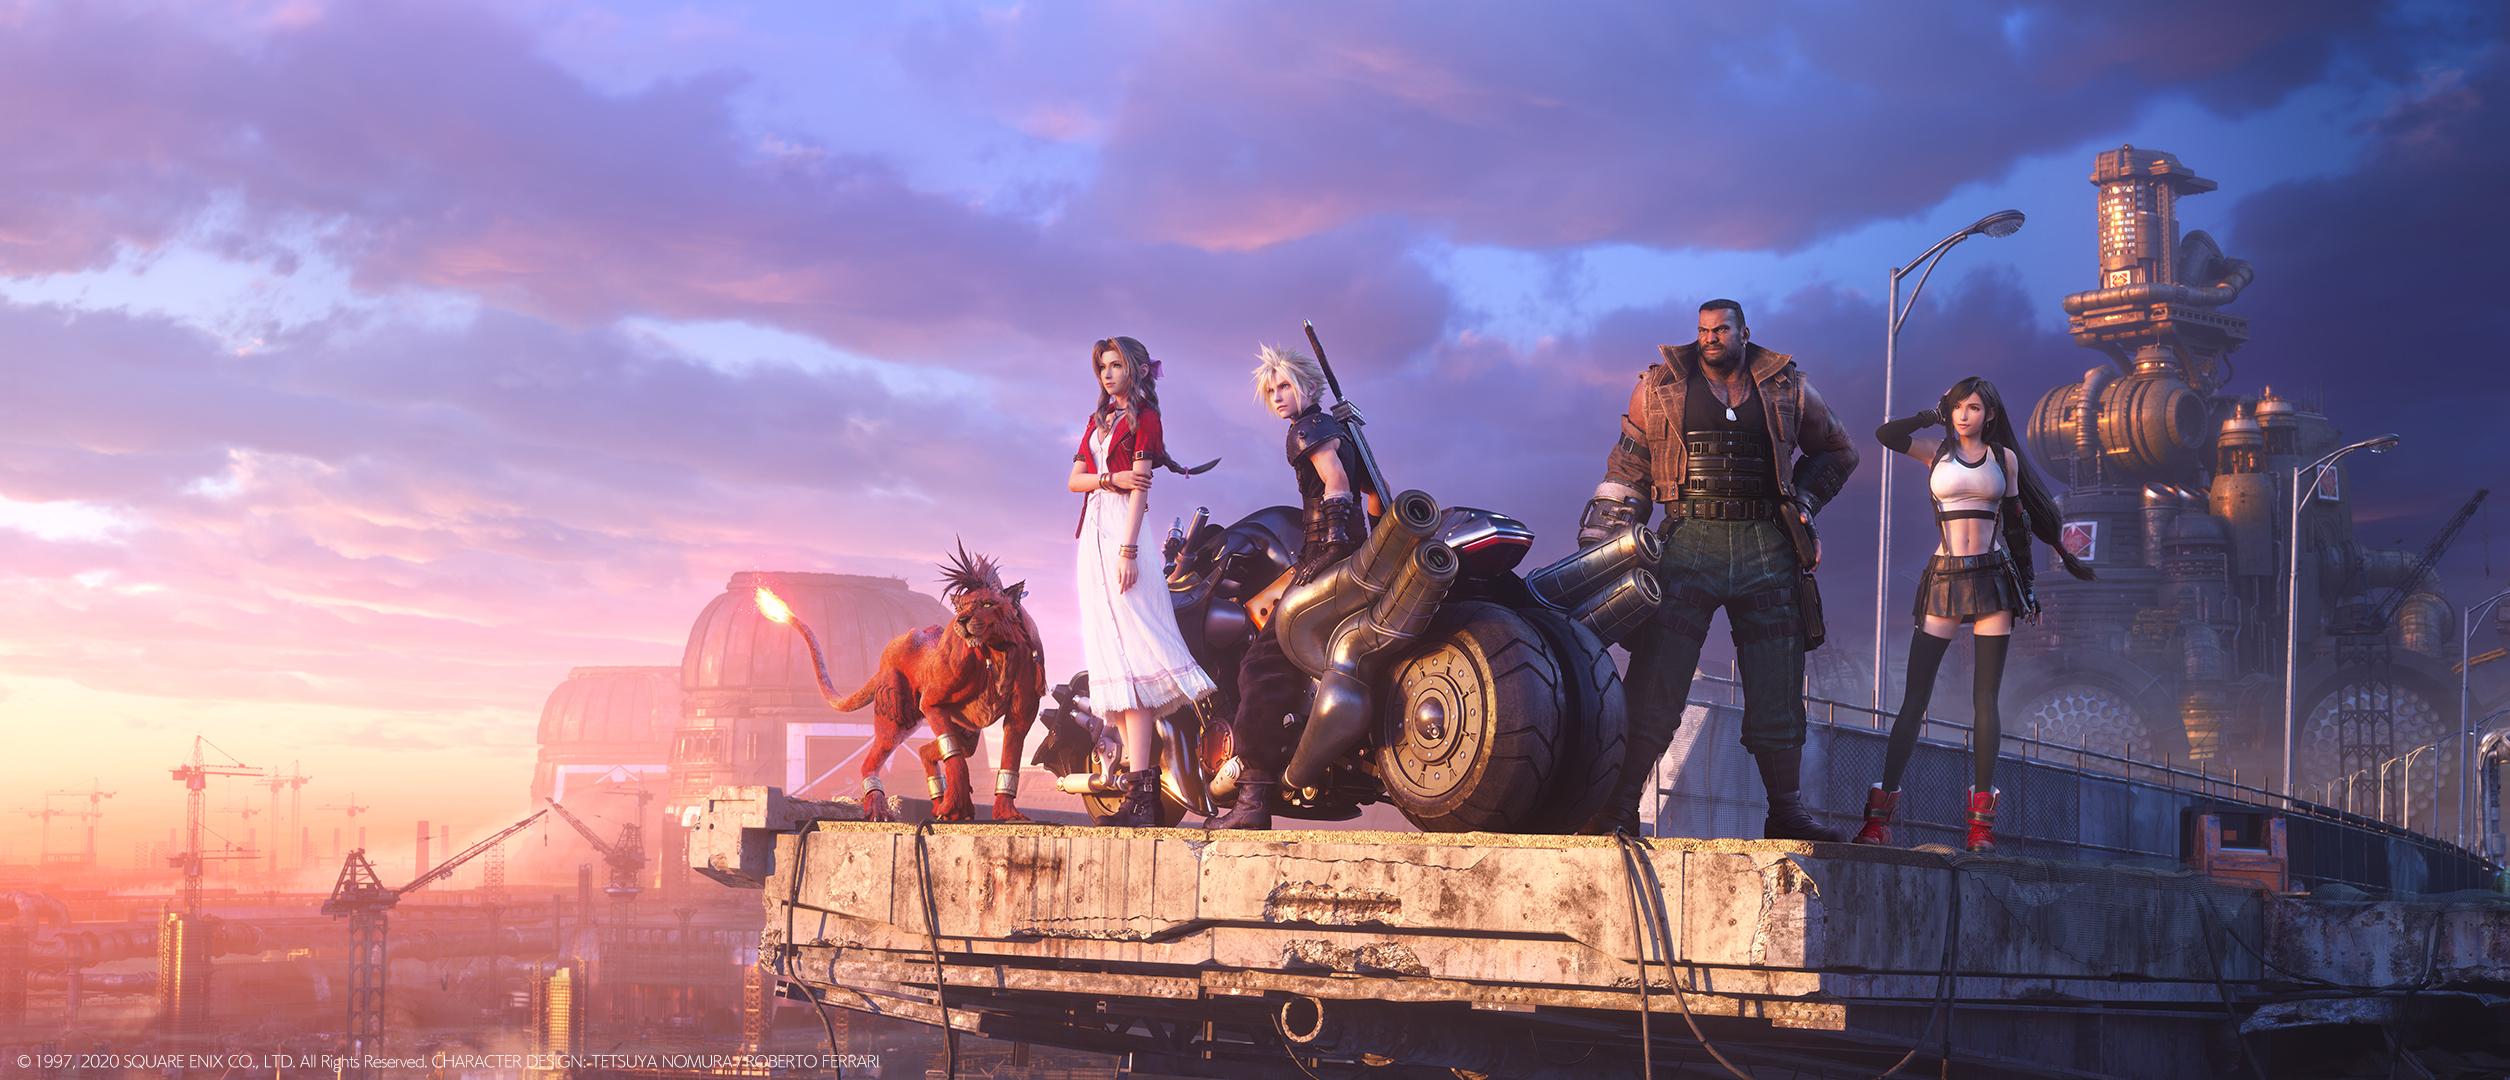 Final Fantasy Vii Remake Le Fond D Ecran Parfait En Une Image Avec Cloud Barret Aerith Tifa Et Rouge Xiii Gamergen Com